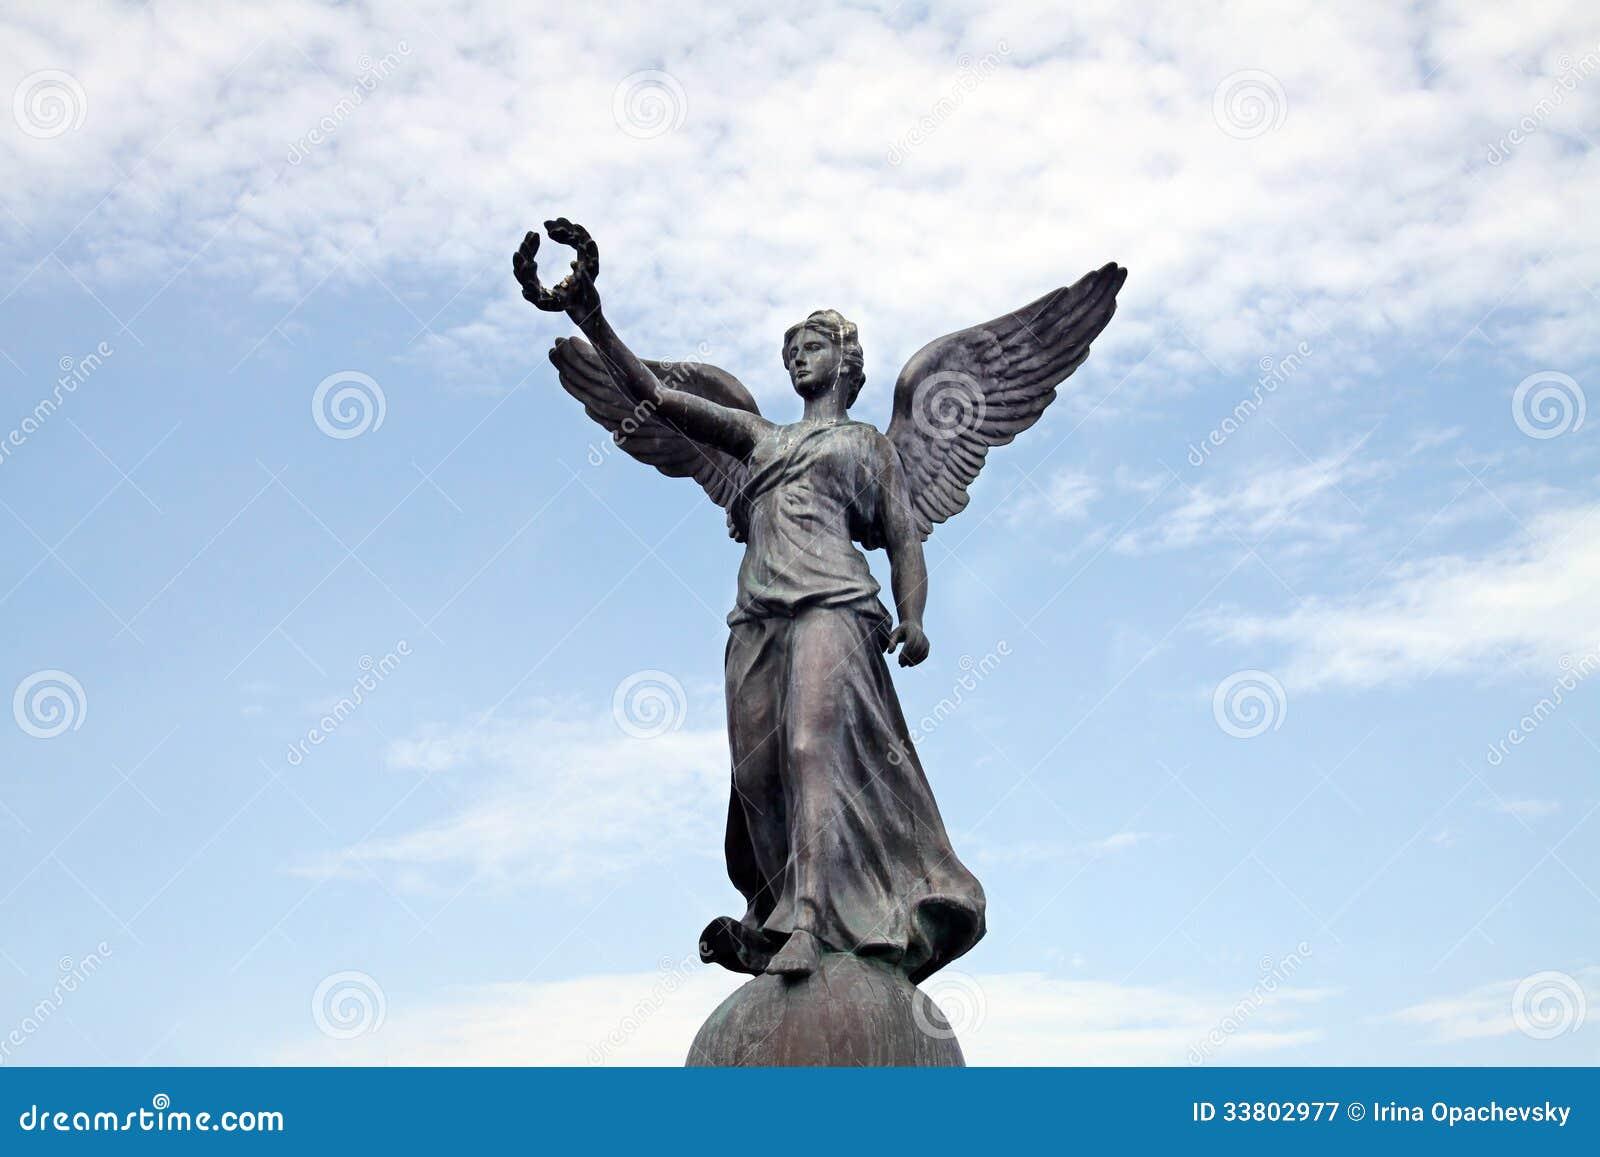 雕塑 1300_957